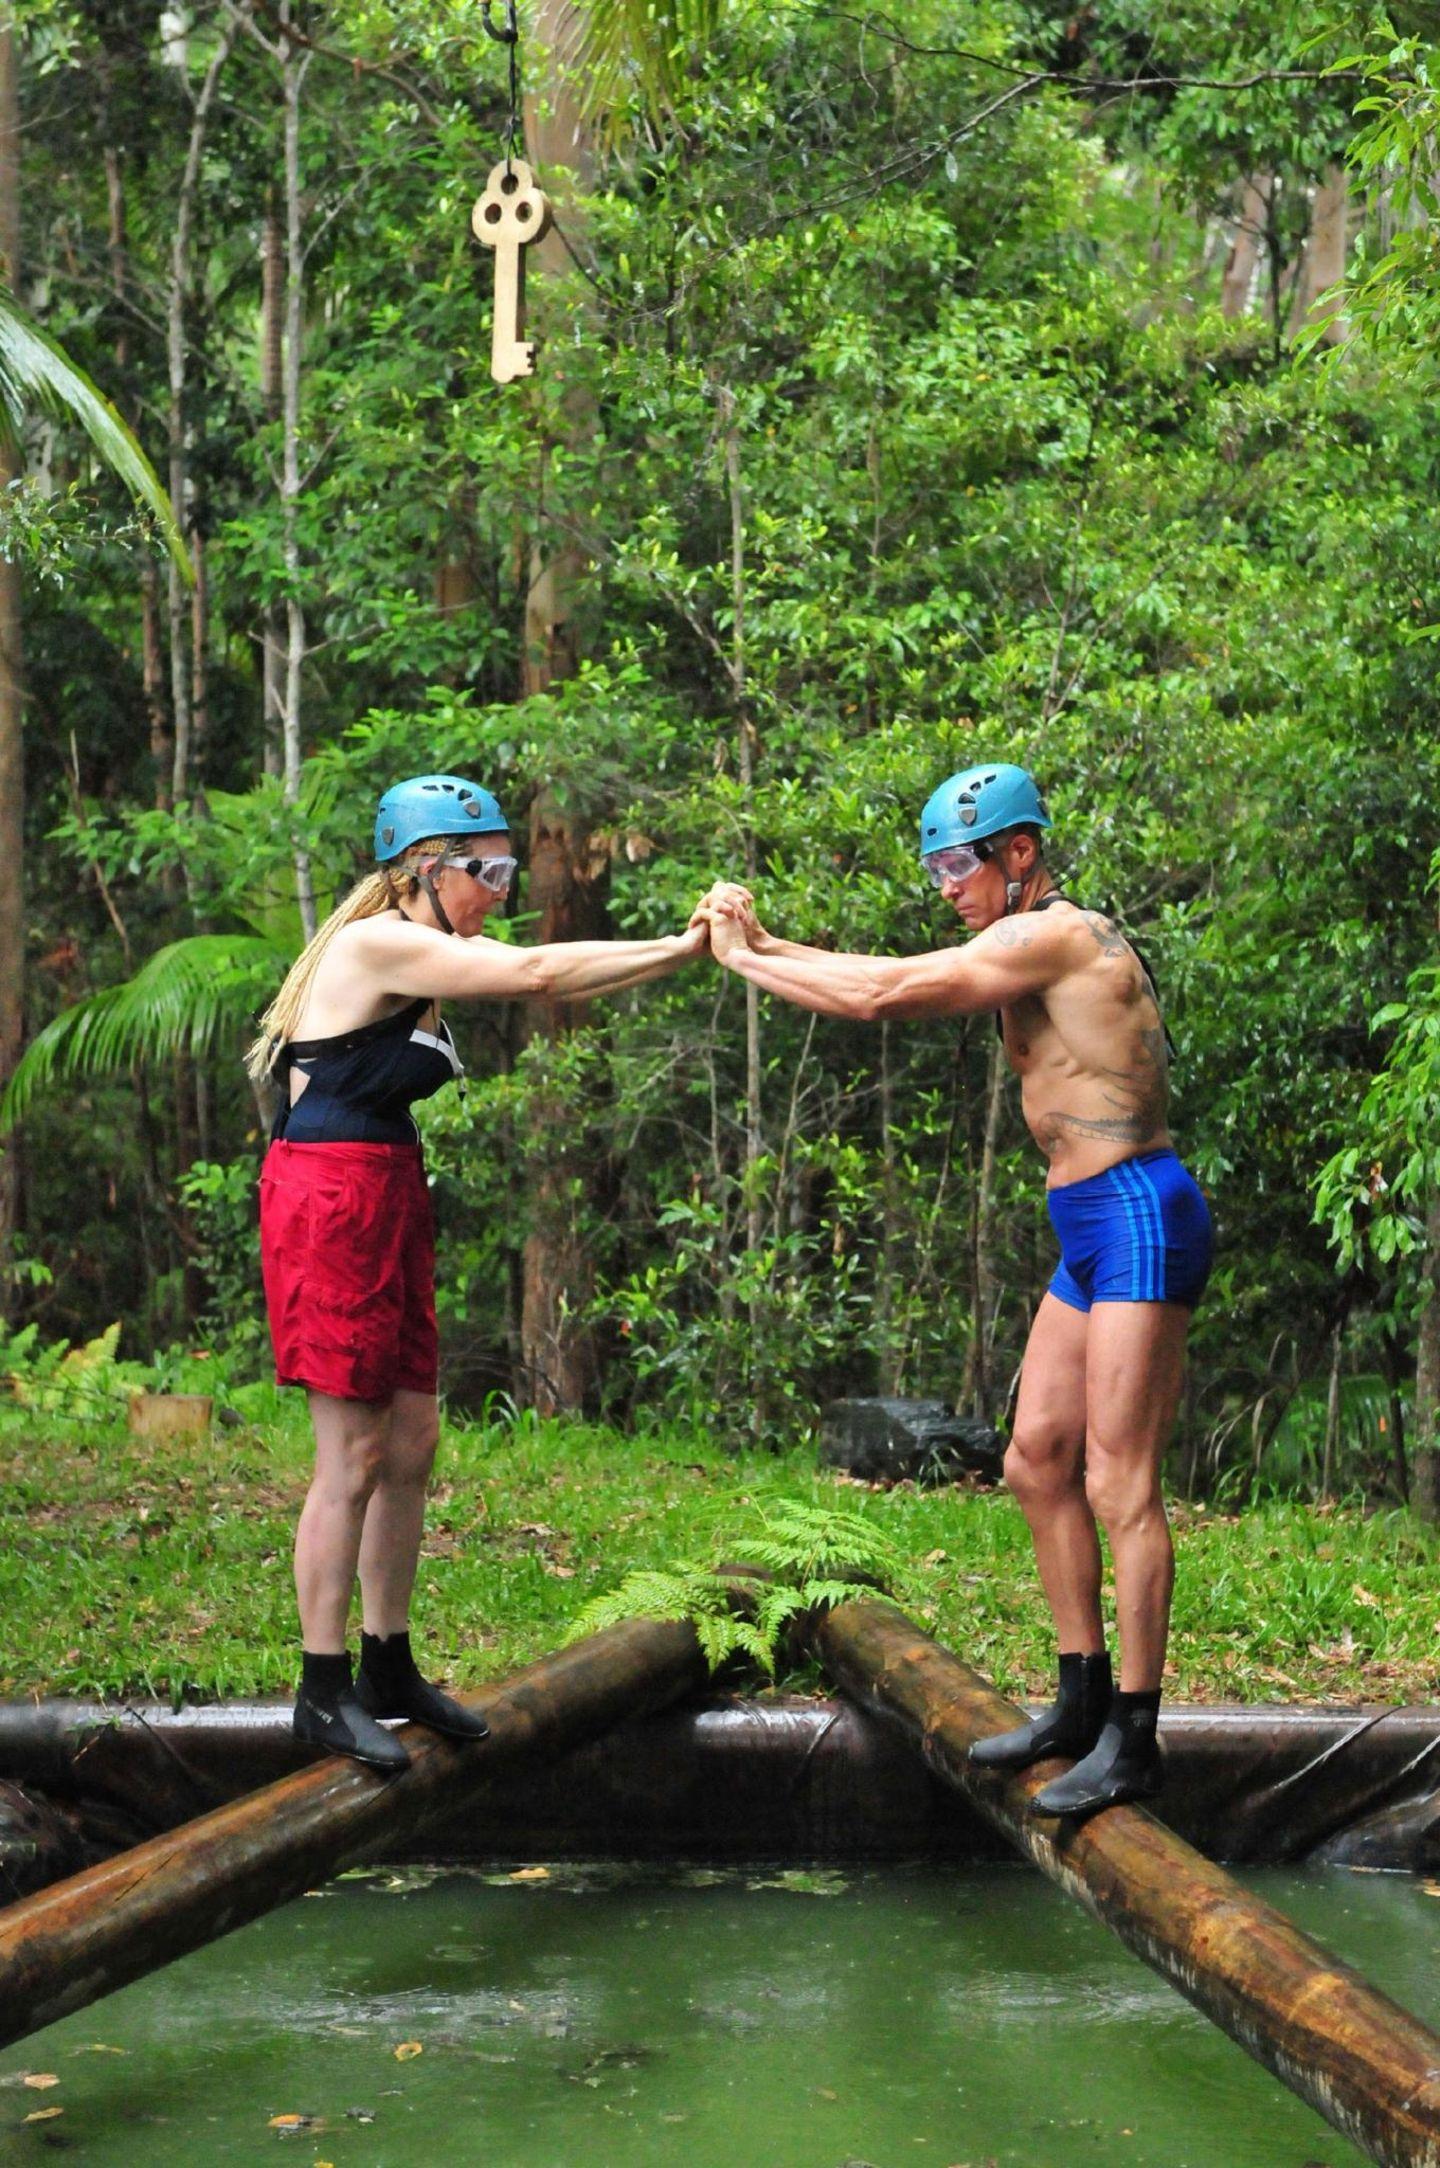 Das Dreamteam auf Schatzsuche: Helena und Thorsten müssen sich gegenseitig stützen und dabei den Baumstamm entlangbalancieren.